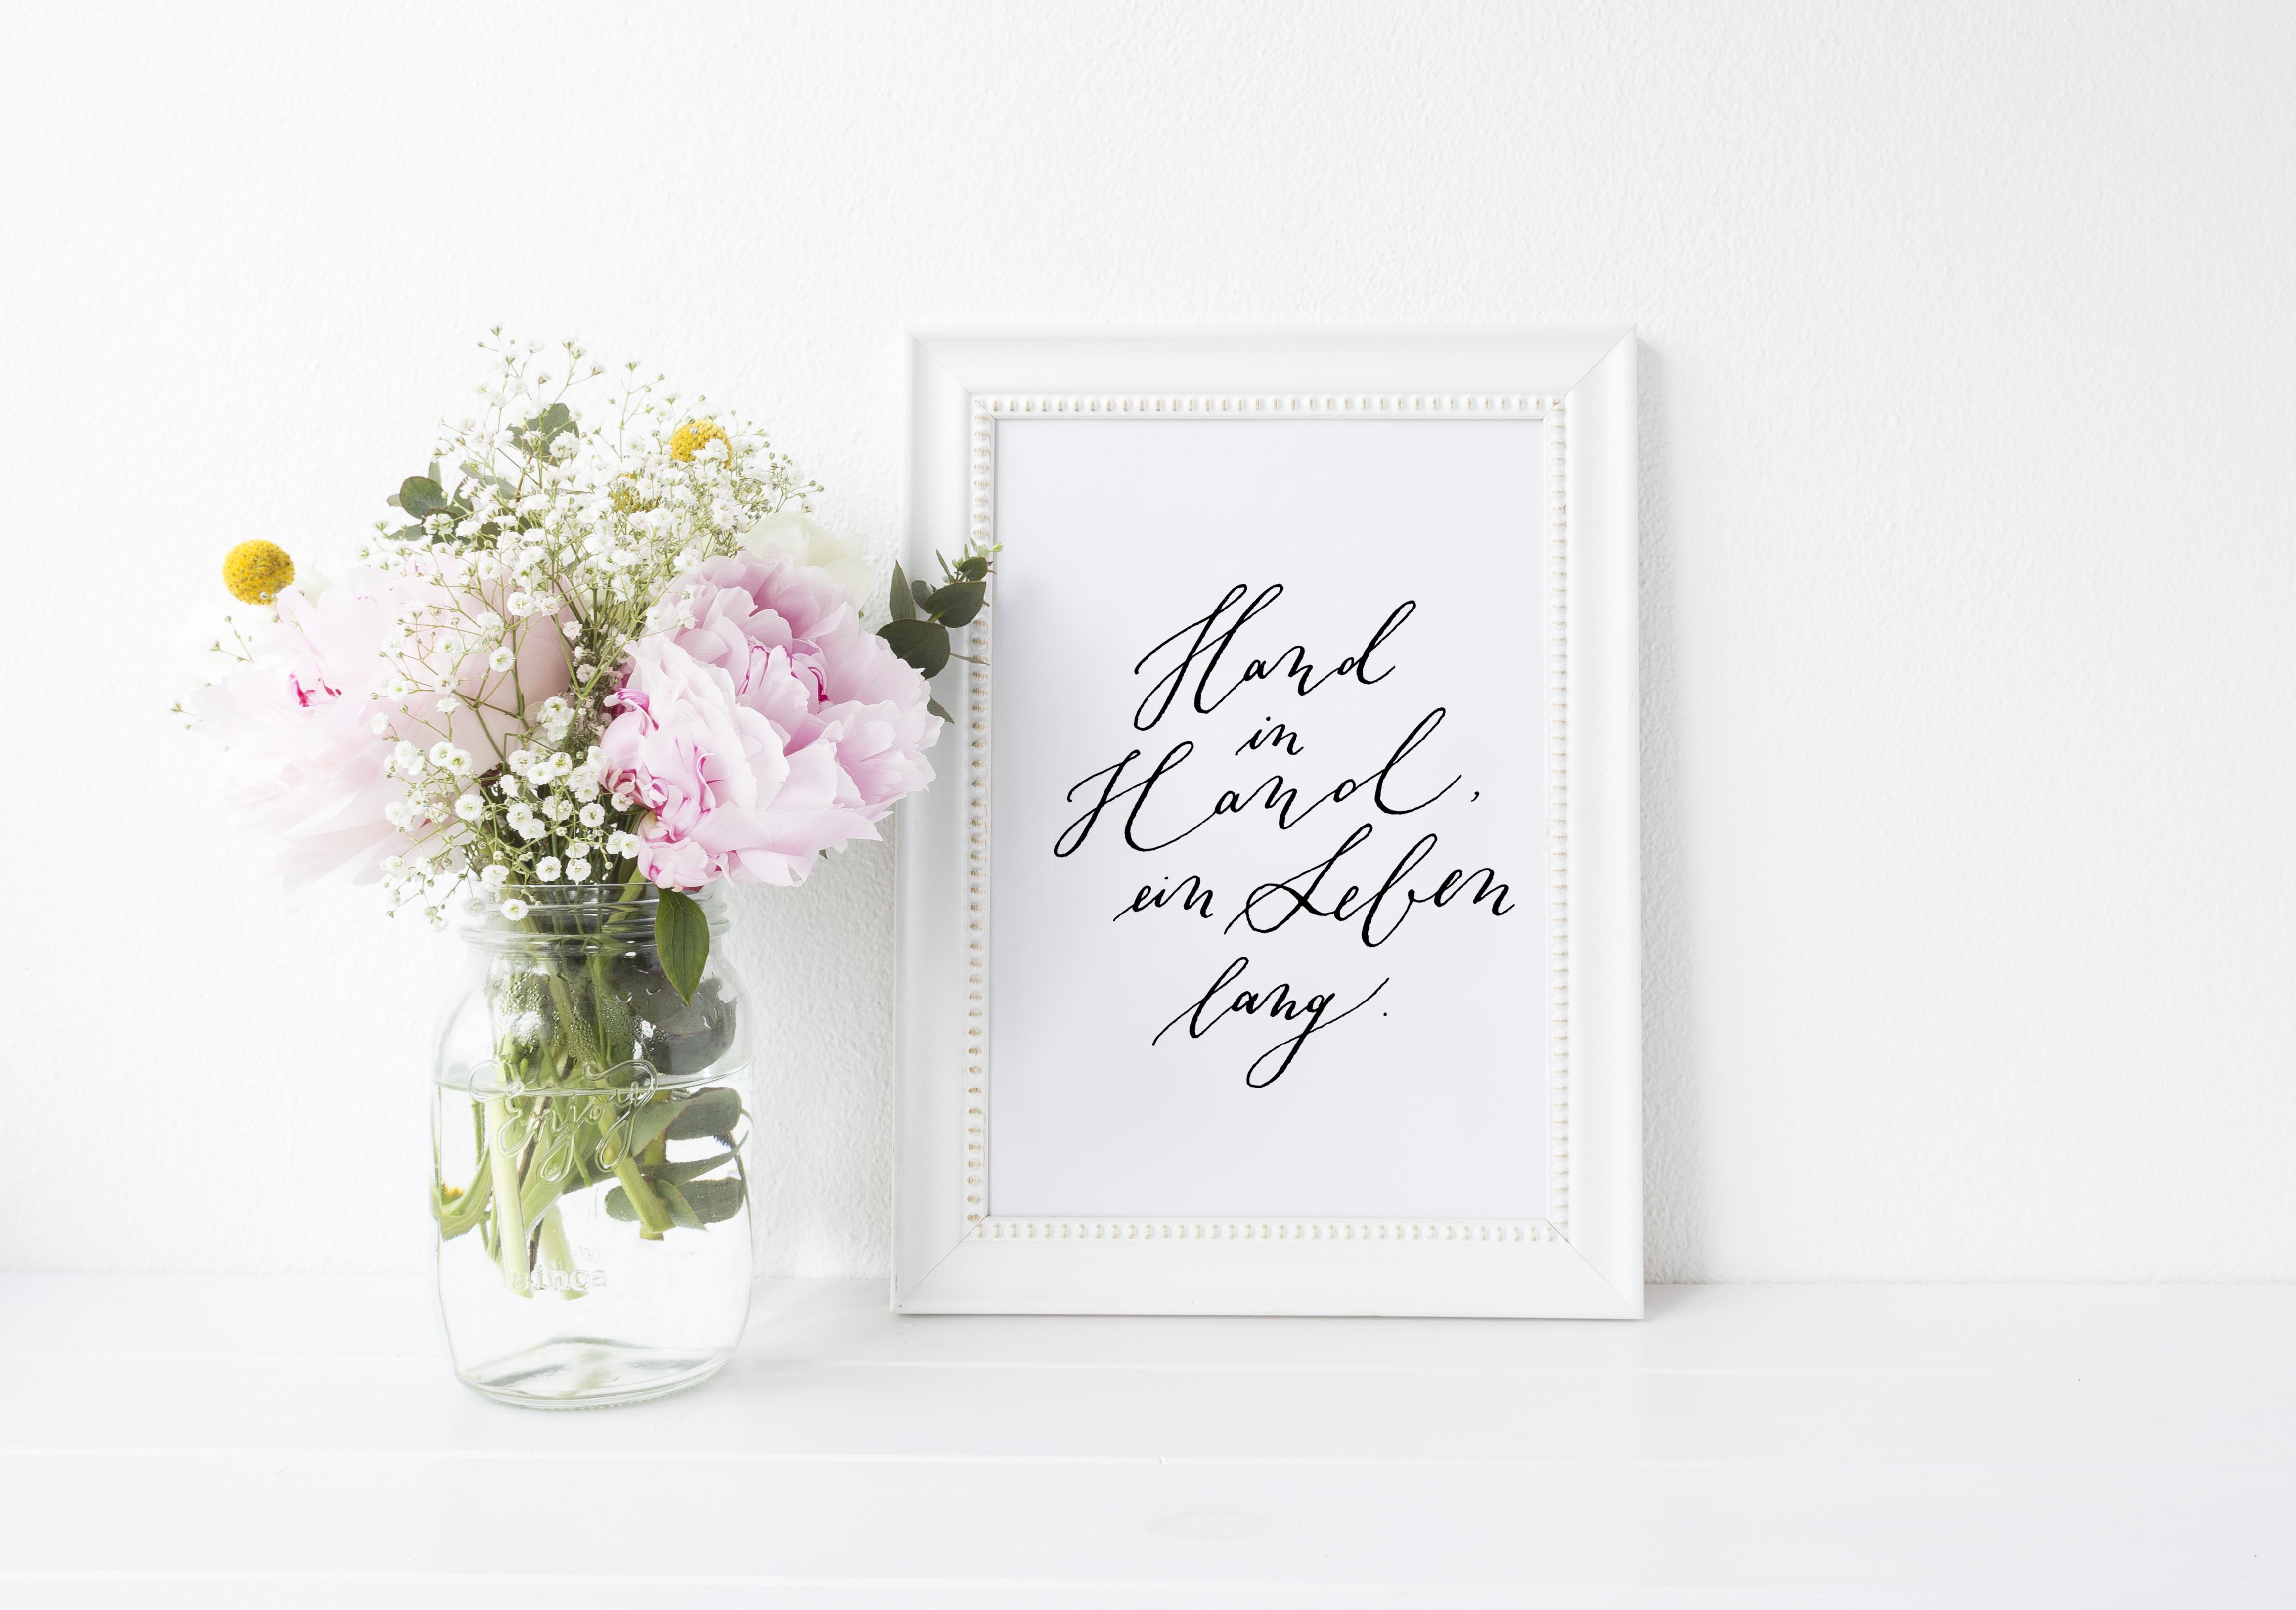 poster hochzeit und geschenk zur hochzeit hand in hand ein leben lang the little wedding. Black Bedroom Furniture Sets. Home Design Ideas